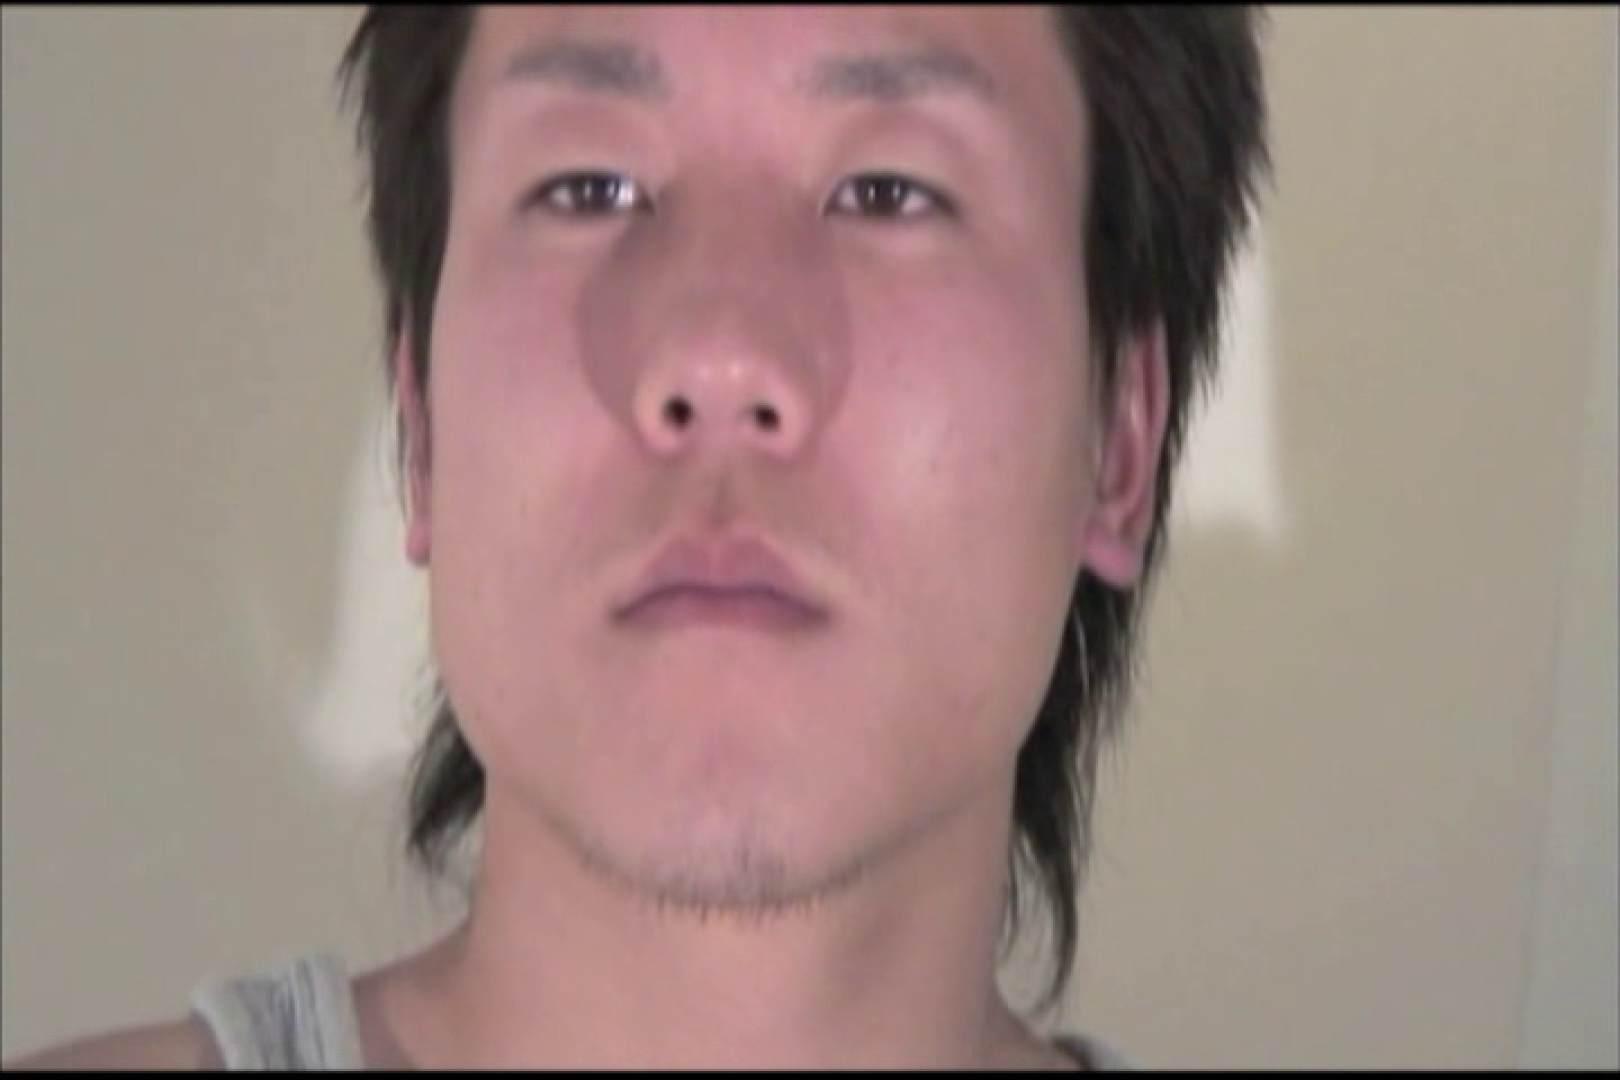 モデルにいそうな切れ長の目をもつイケメン。 スジ筋系男子 ゲイ無料エロ画像 87枚 28